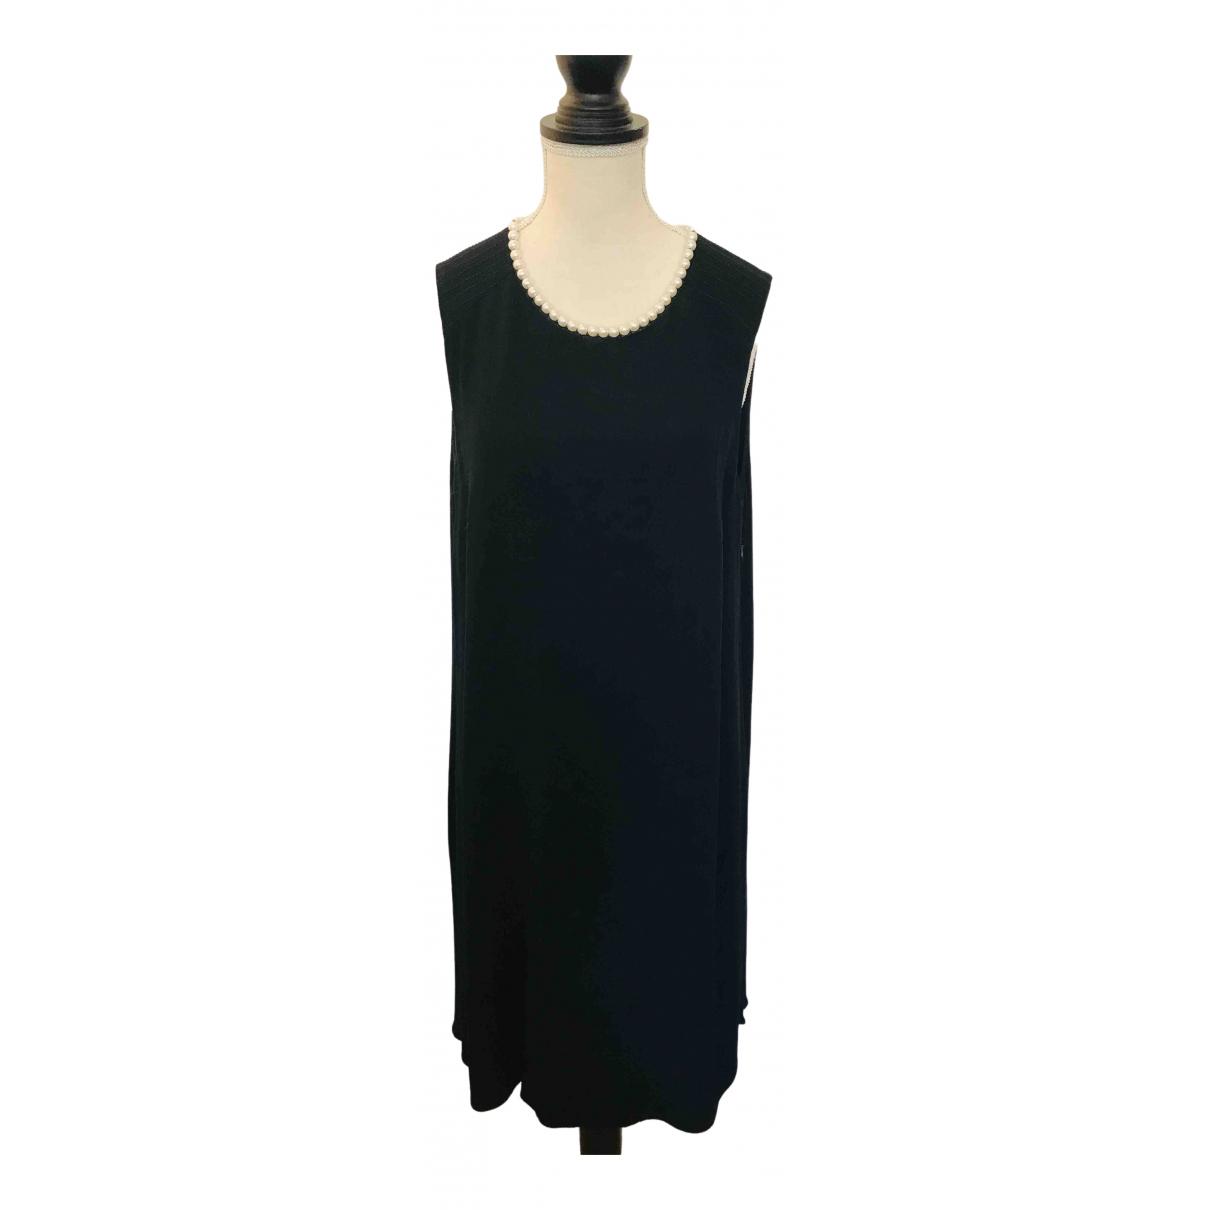 Claudie Pierlot \N Kleid in  Schwarz Viskose